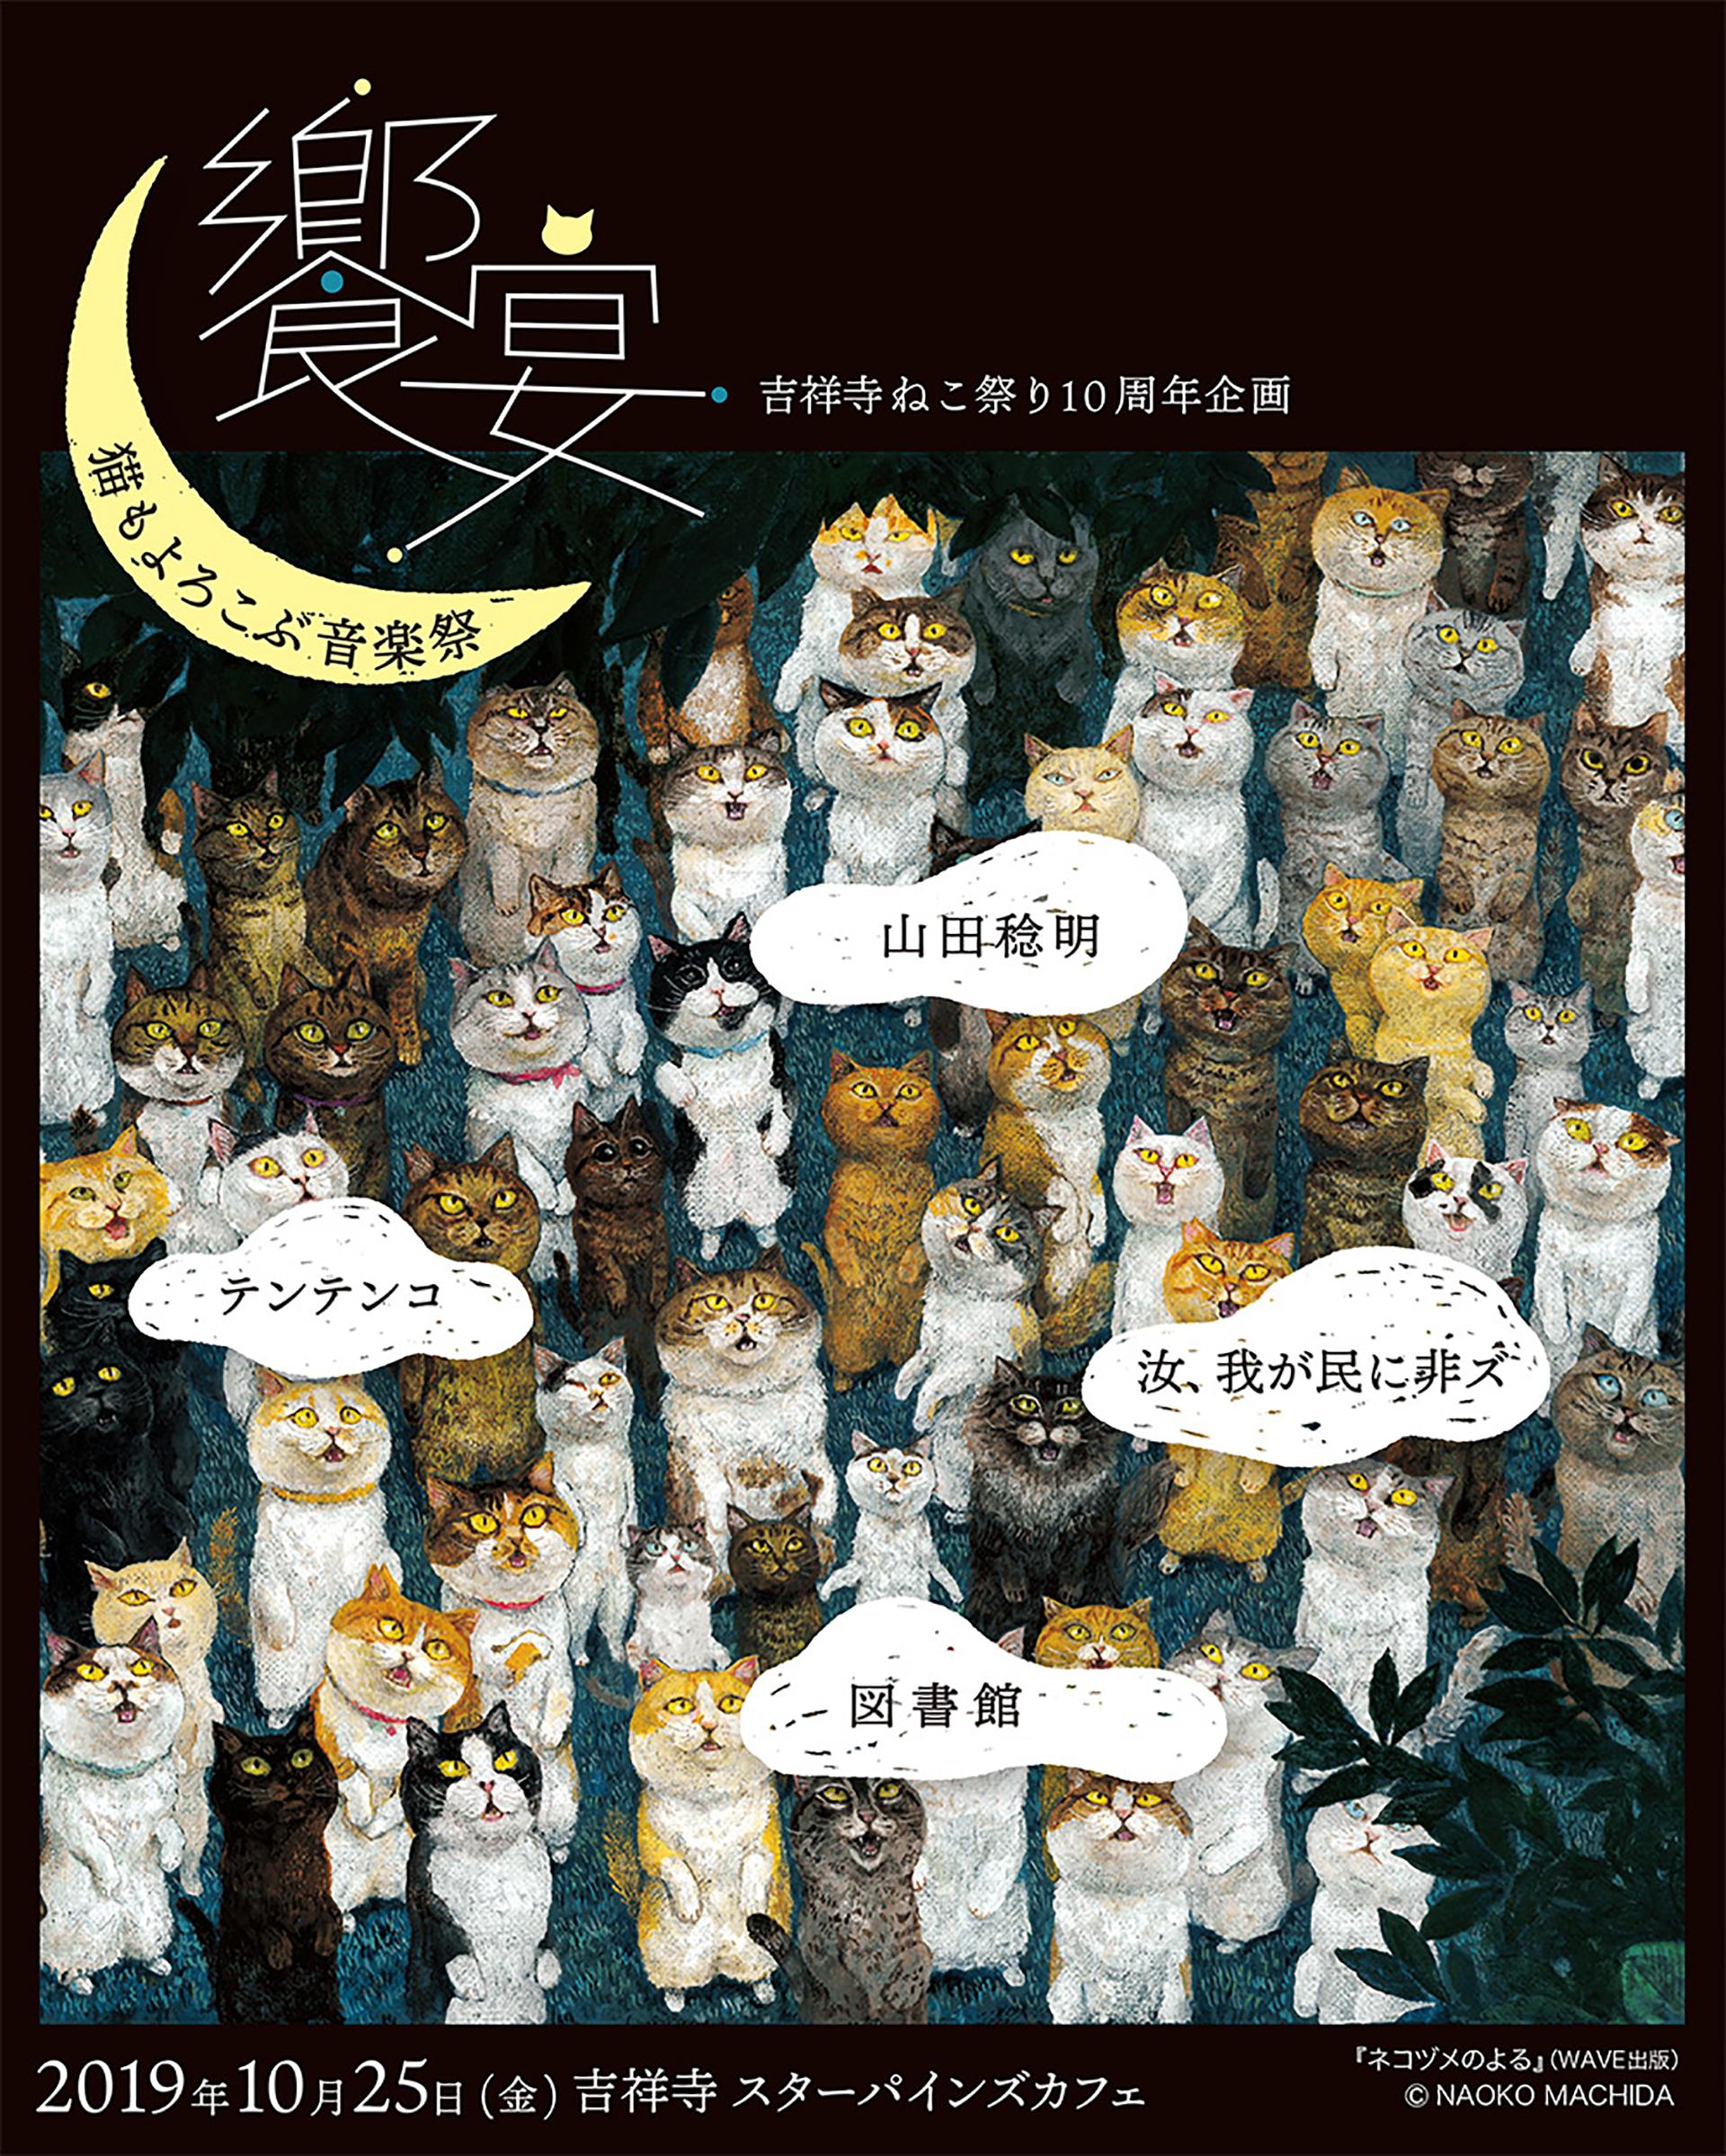 この写真は「饗宴ー猫もよろこぶ音楽祭」のメインビジュアル。ねこワンサカのビジュアルです